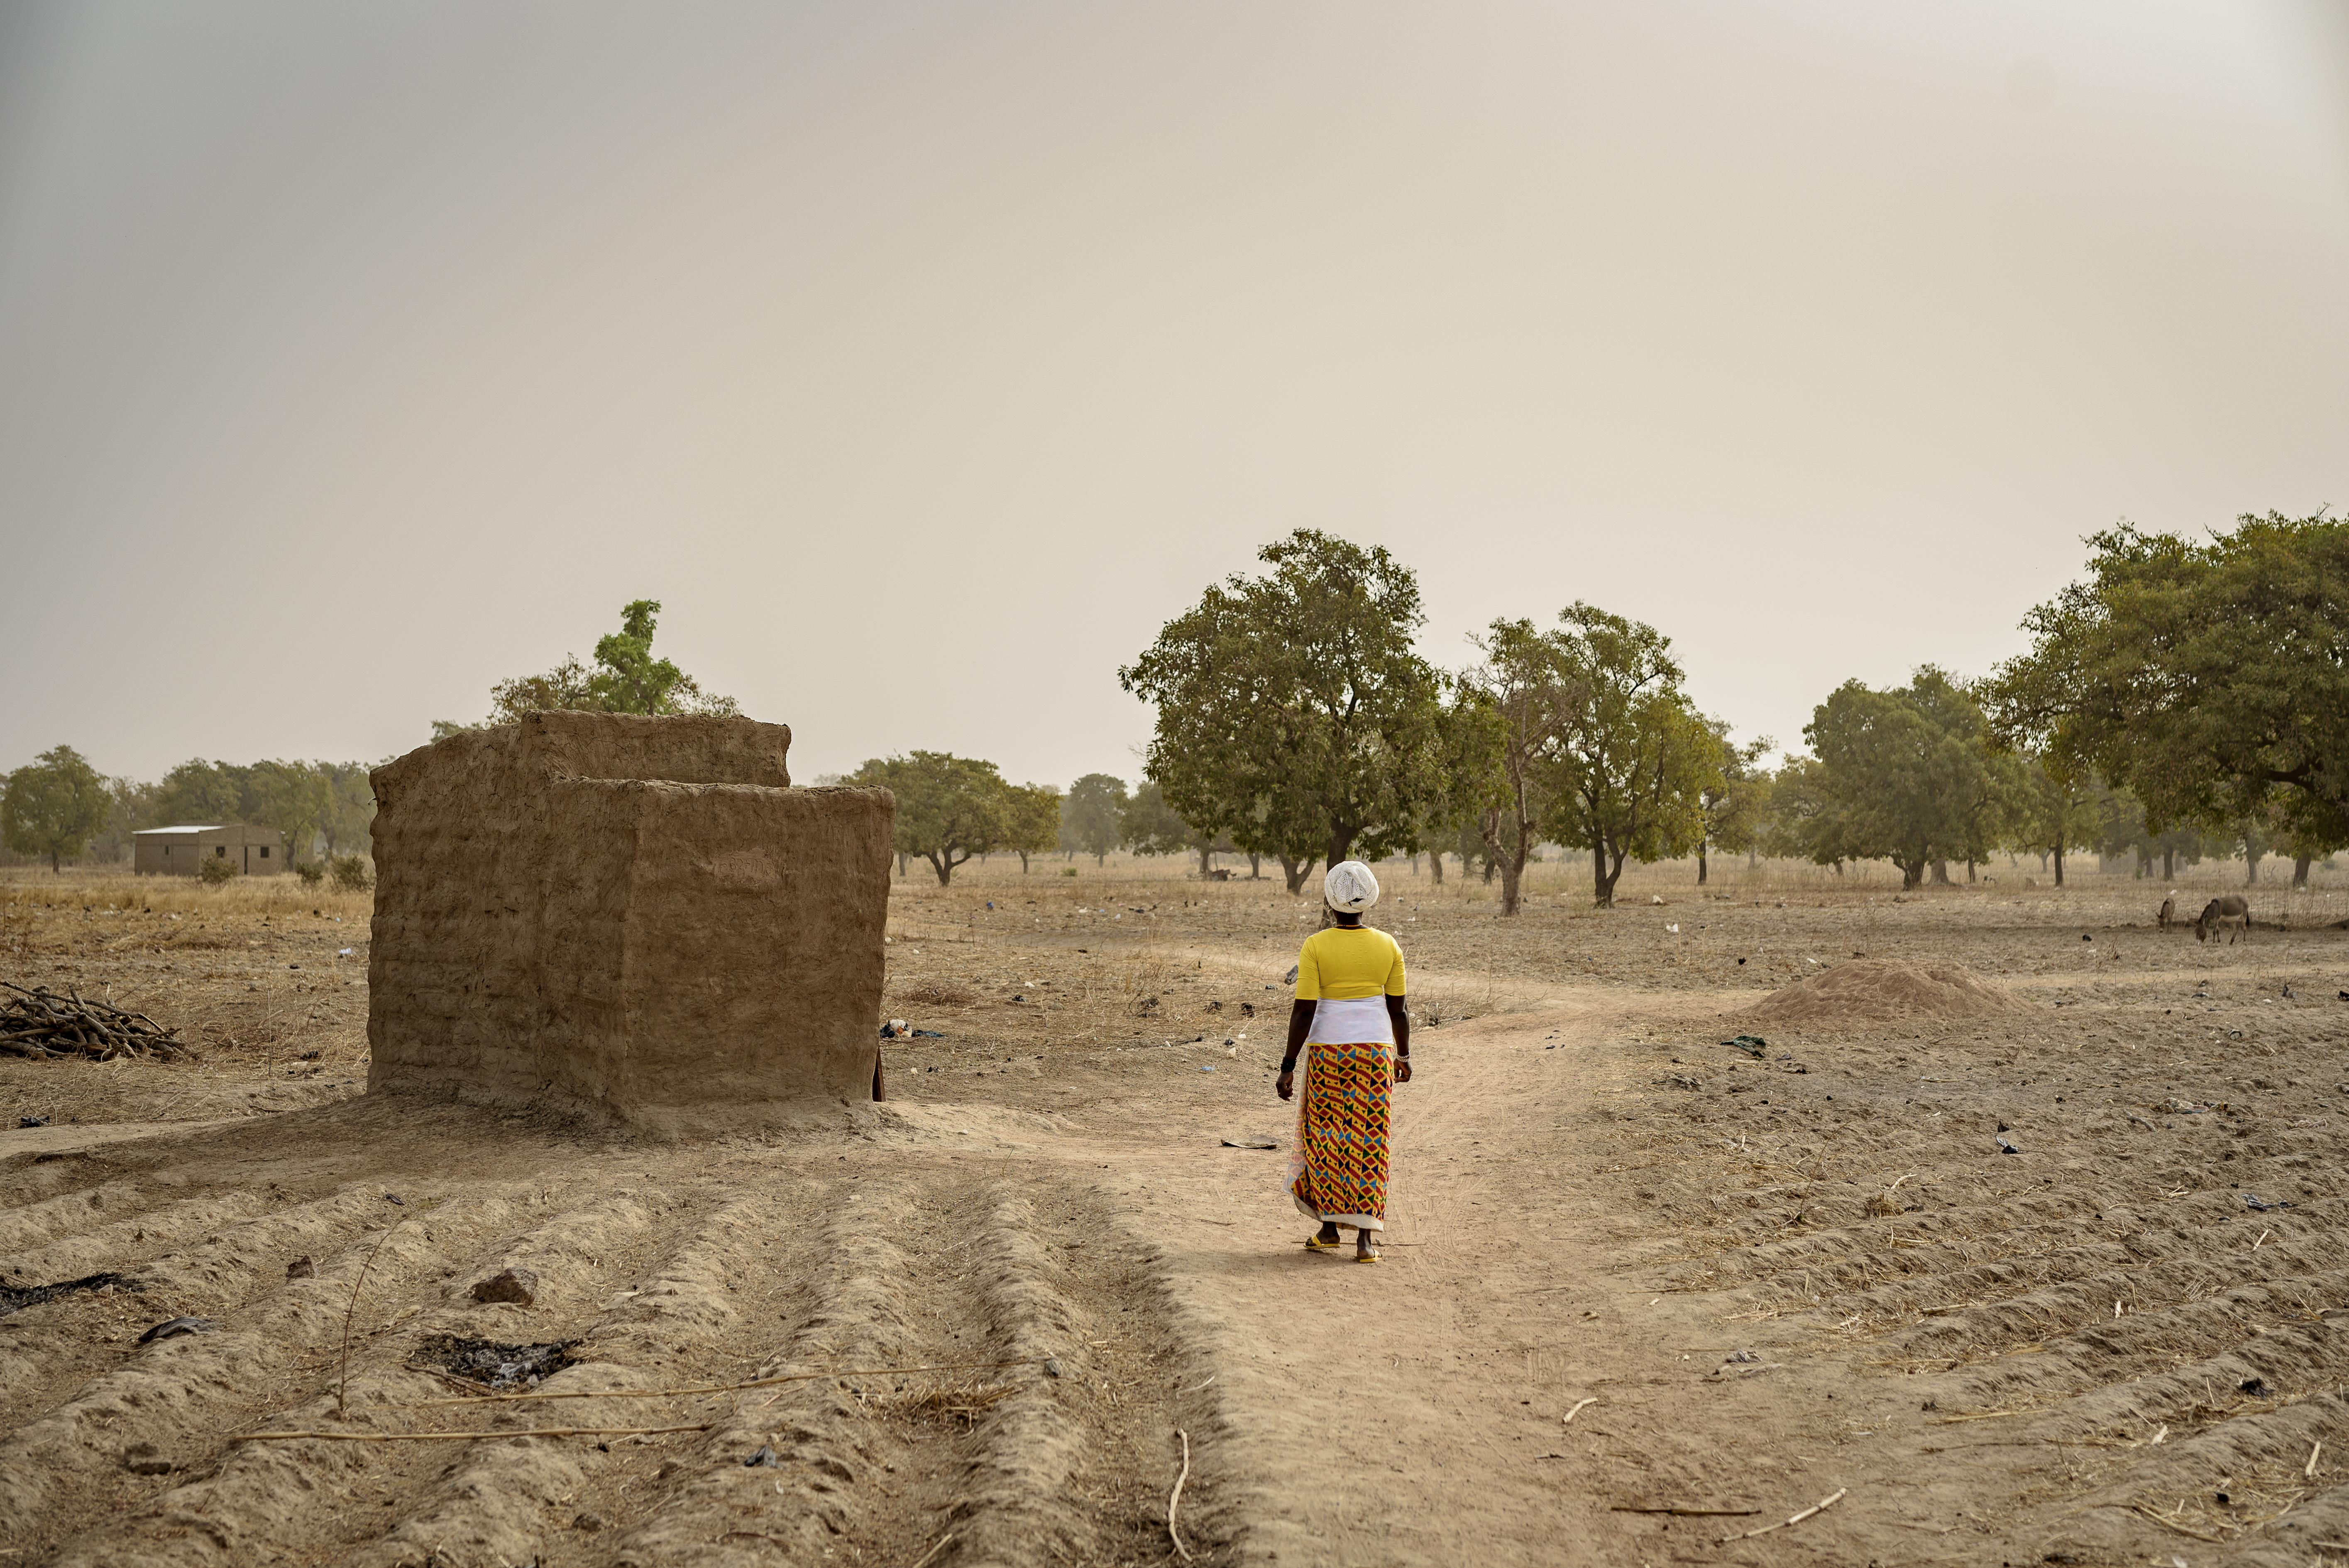 woman accessing a latrine